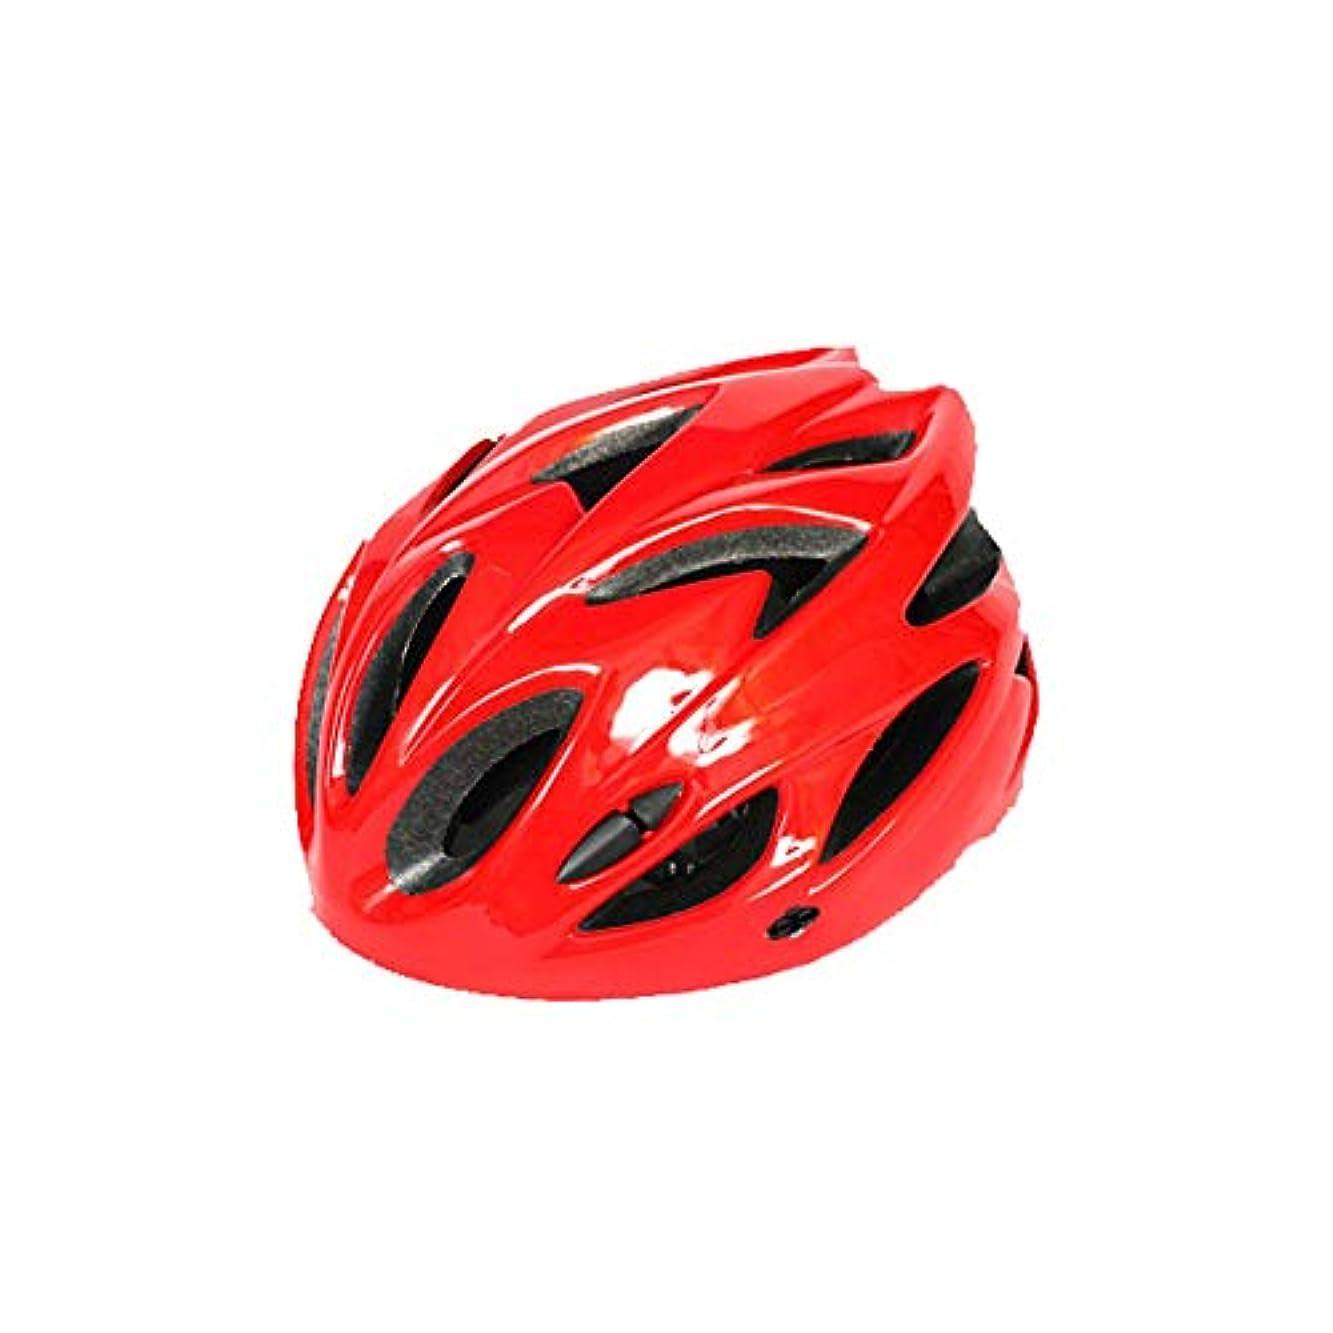 厄介なテスト余韻自転車ライディング安全軽量自転車ヘルメット大人用自転車ヘルメット